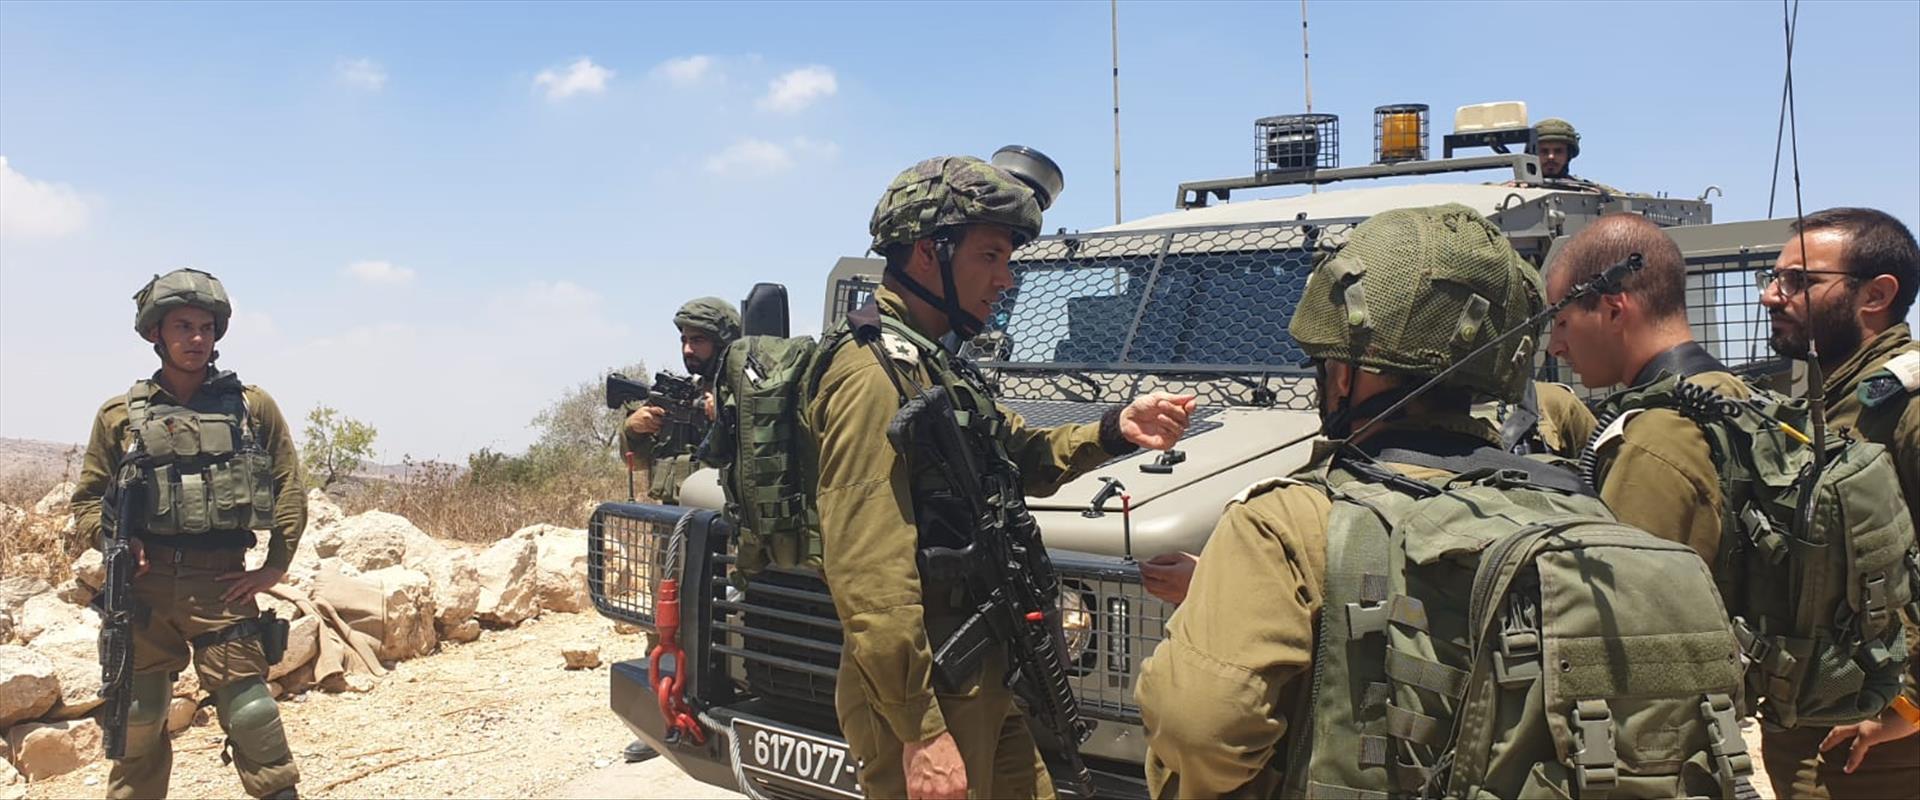 """כוחות צה""""ל פועלים ביהודה ושומרון, בחיפוש אחר המחבל"""